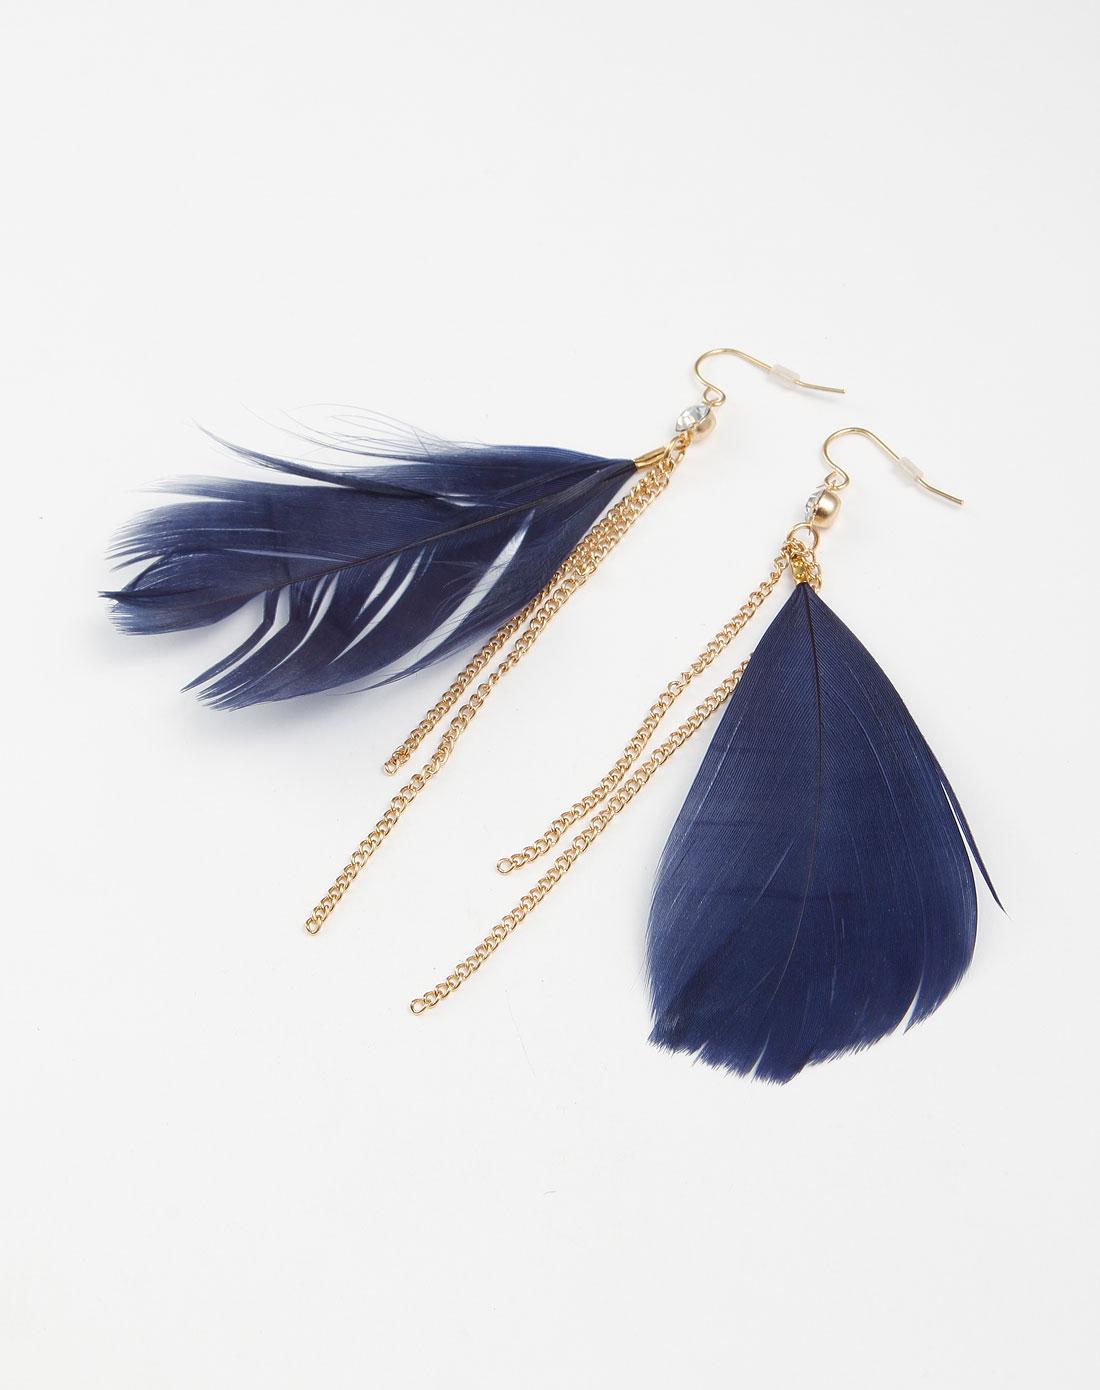 蓝/金色羽毛个性耳环